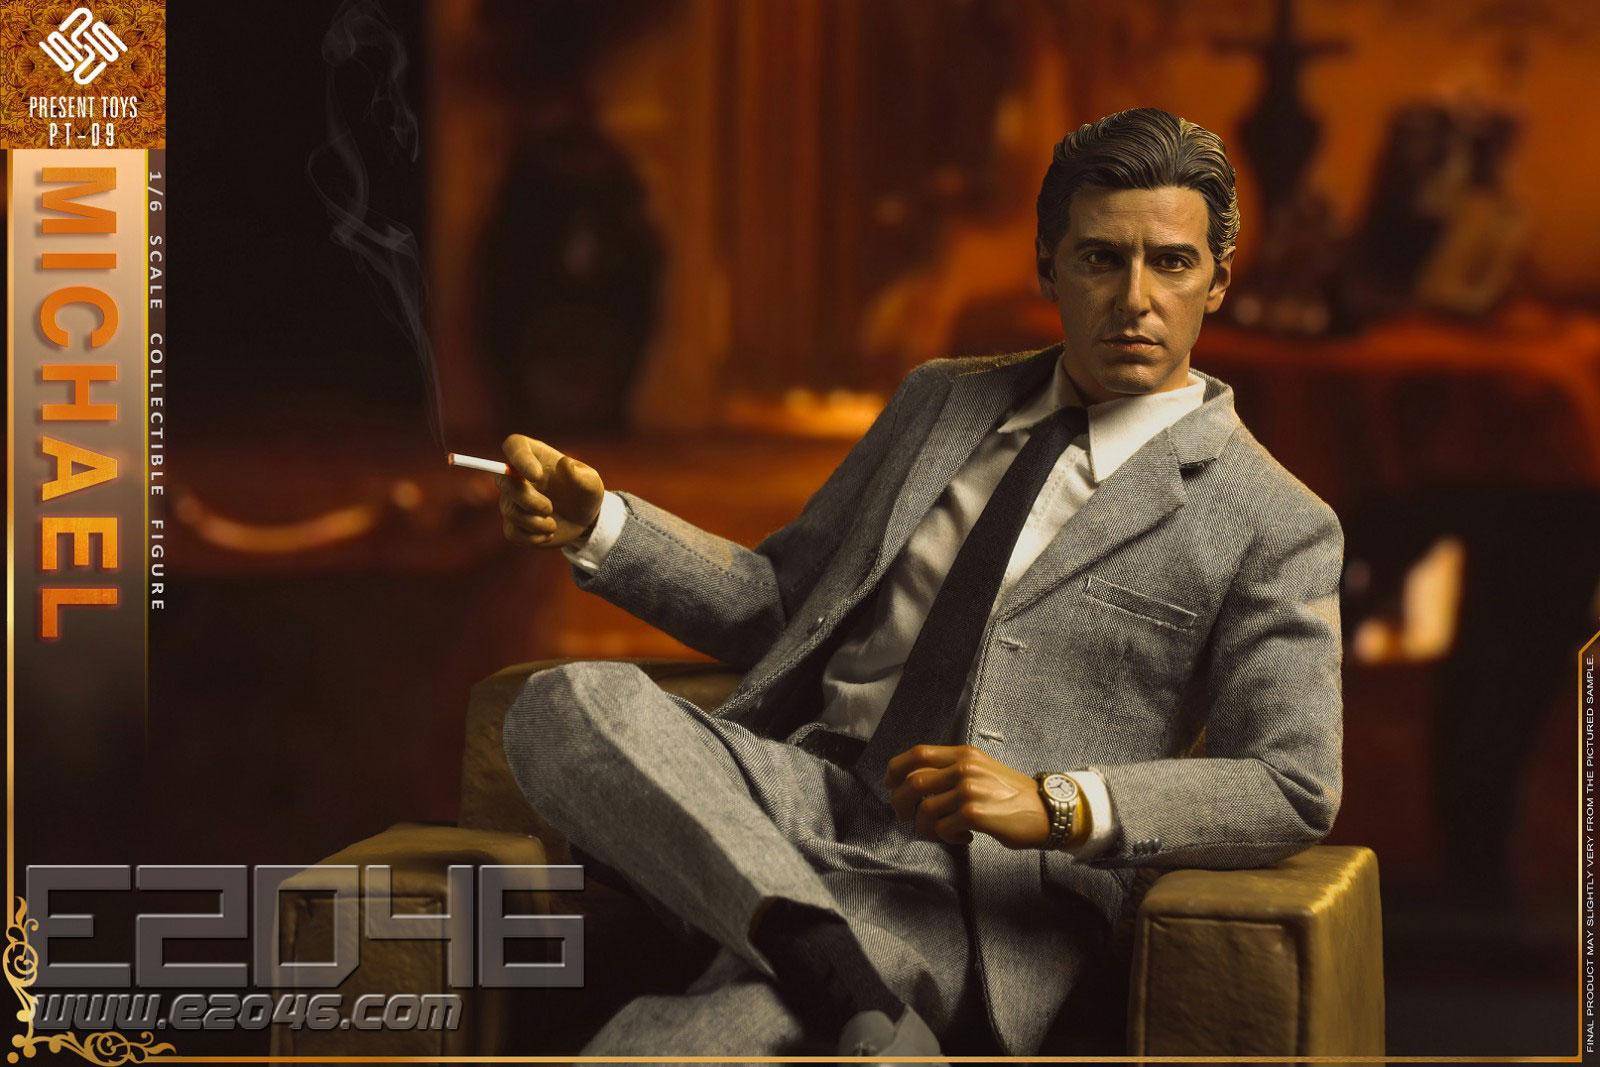 Second Generation Black Boss (DOLL)